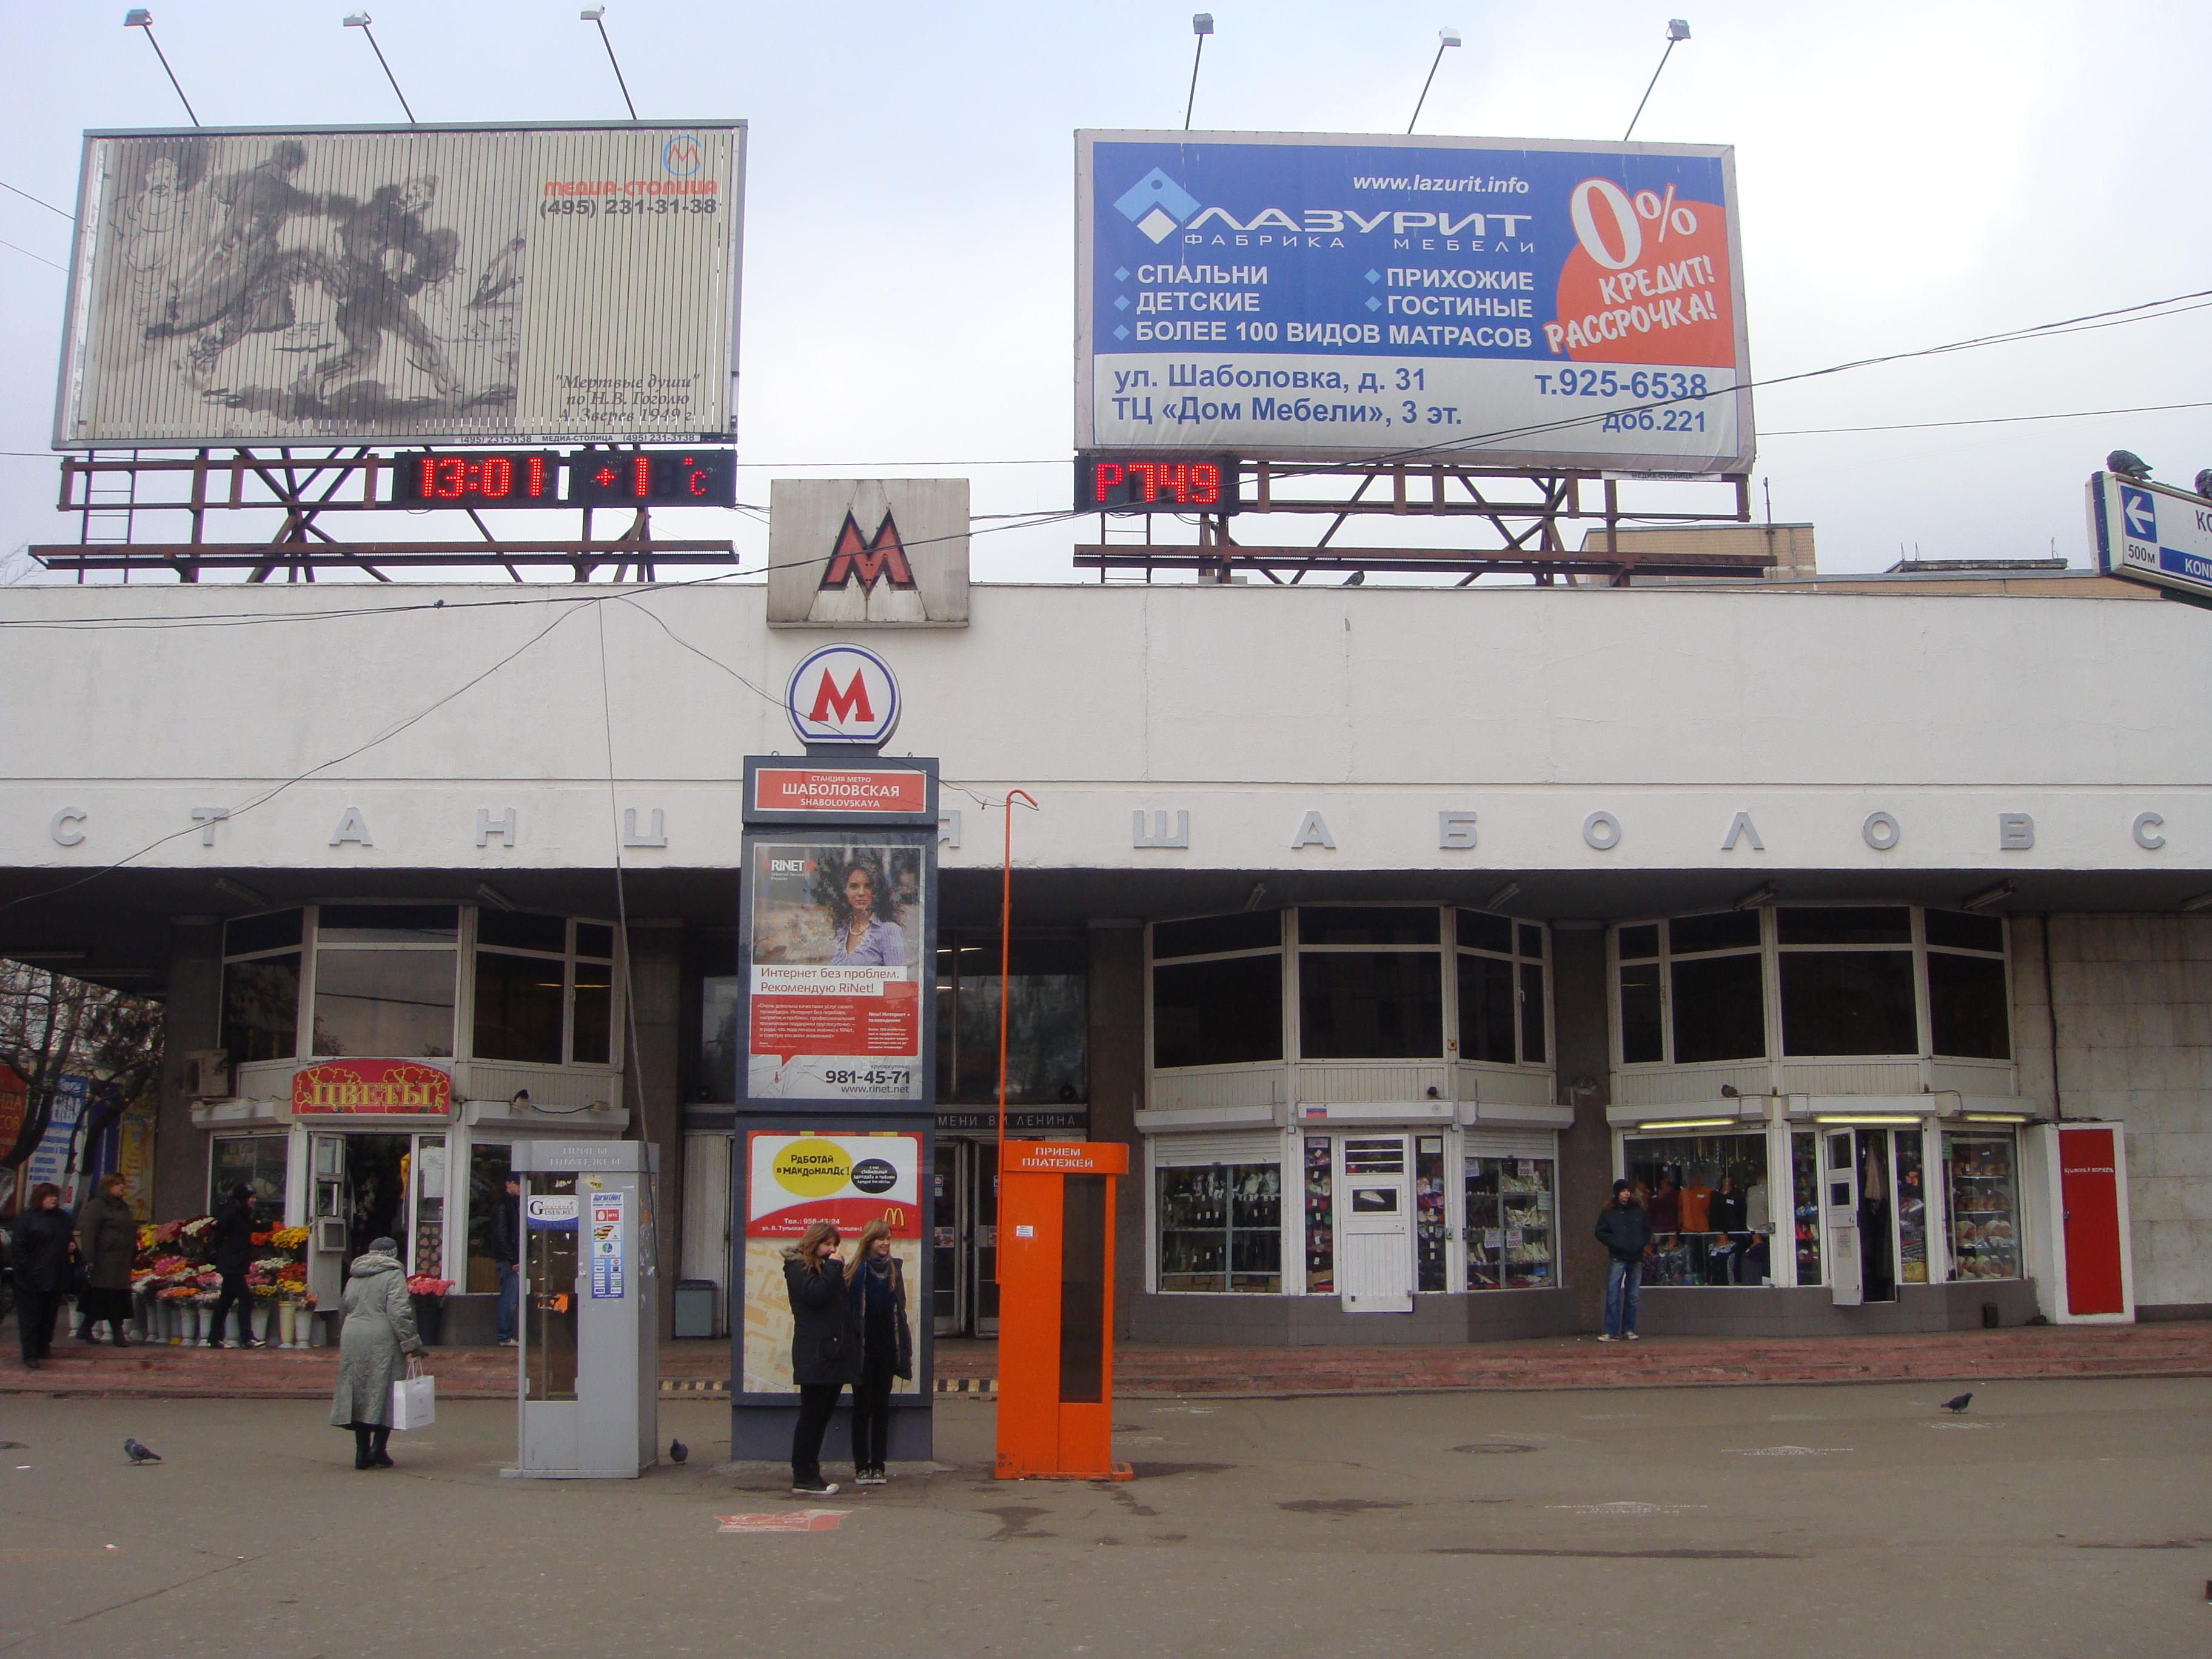 Осенью завершится ремонт фасадов вестибюлей на 12 станциях столичного метро